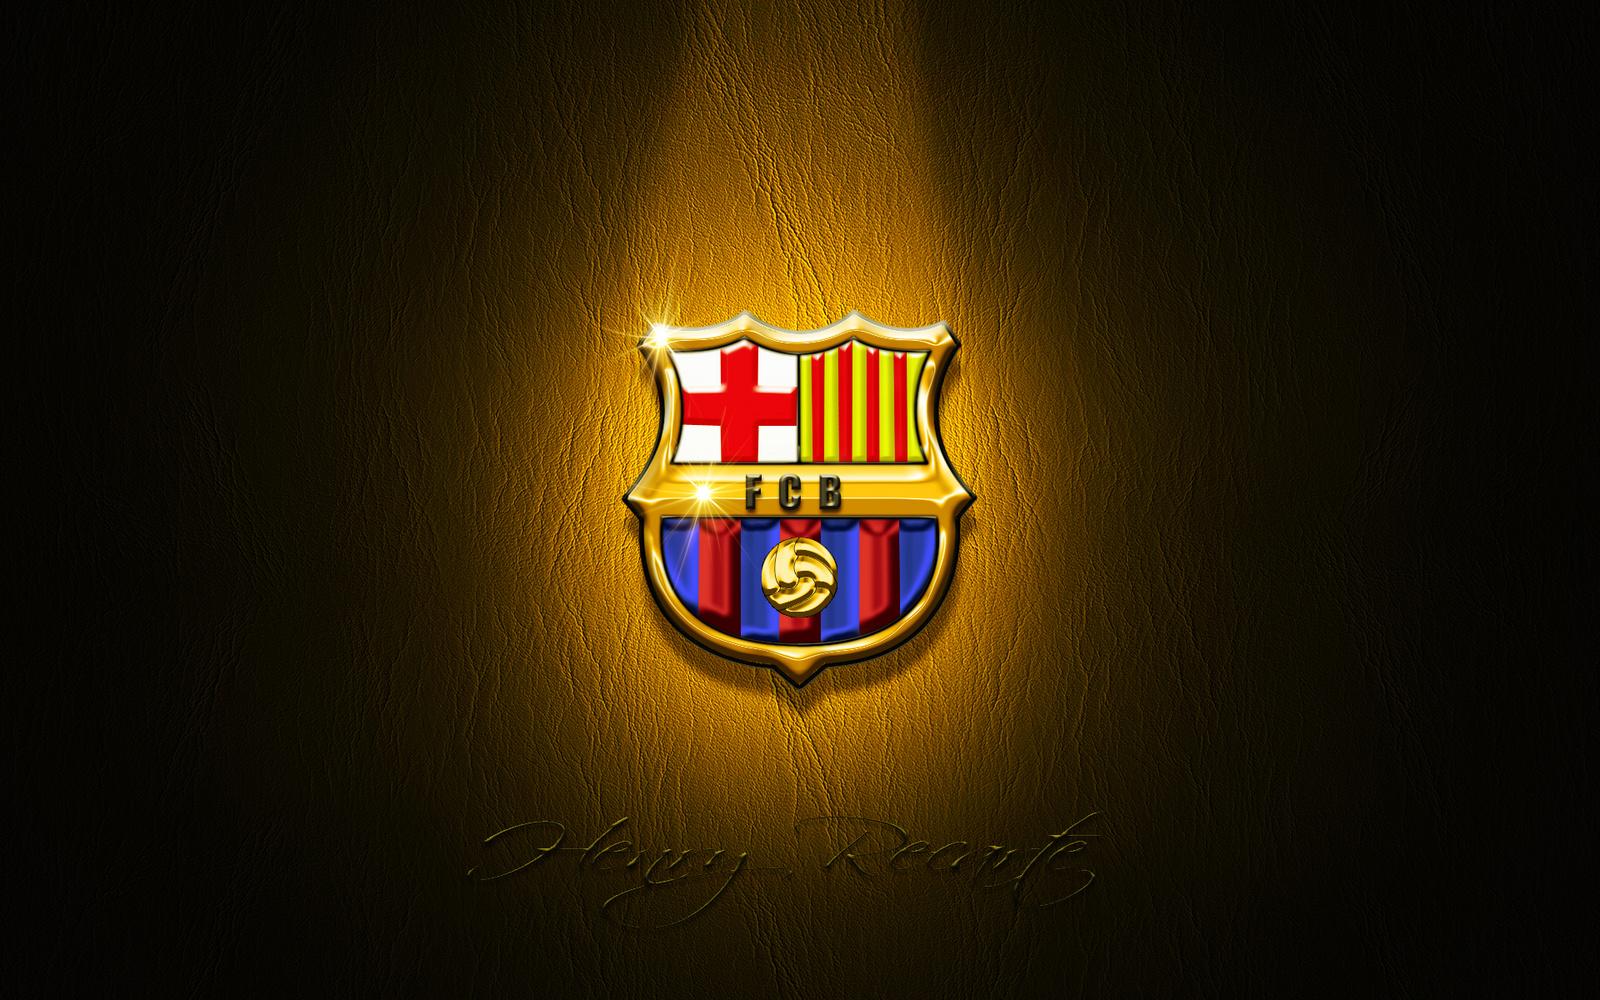 http://1.bp.blogspot.com/-EQd7Ka5nenI/UHWNMcJ34zI/AAAAAAAAD3s/WtUplUxu14k/s1600/FC+Barcelona+hd+wallpaper+2012-2013+06.jpg